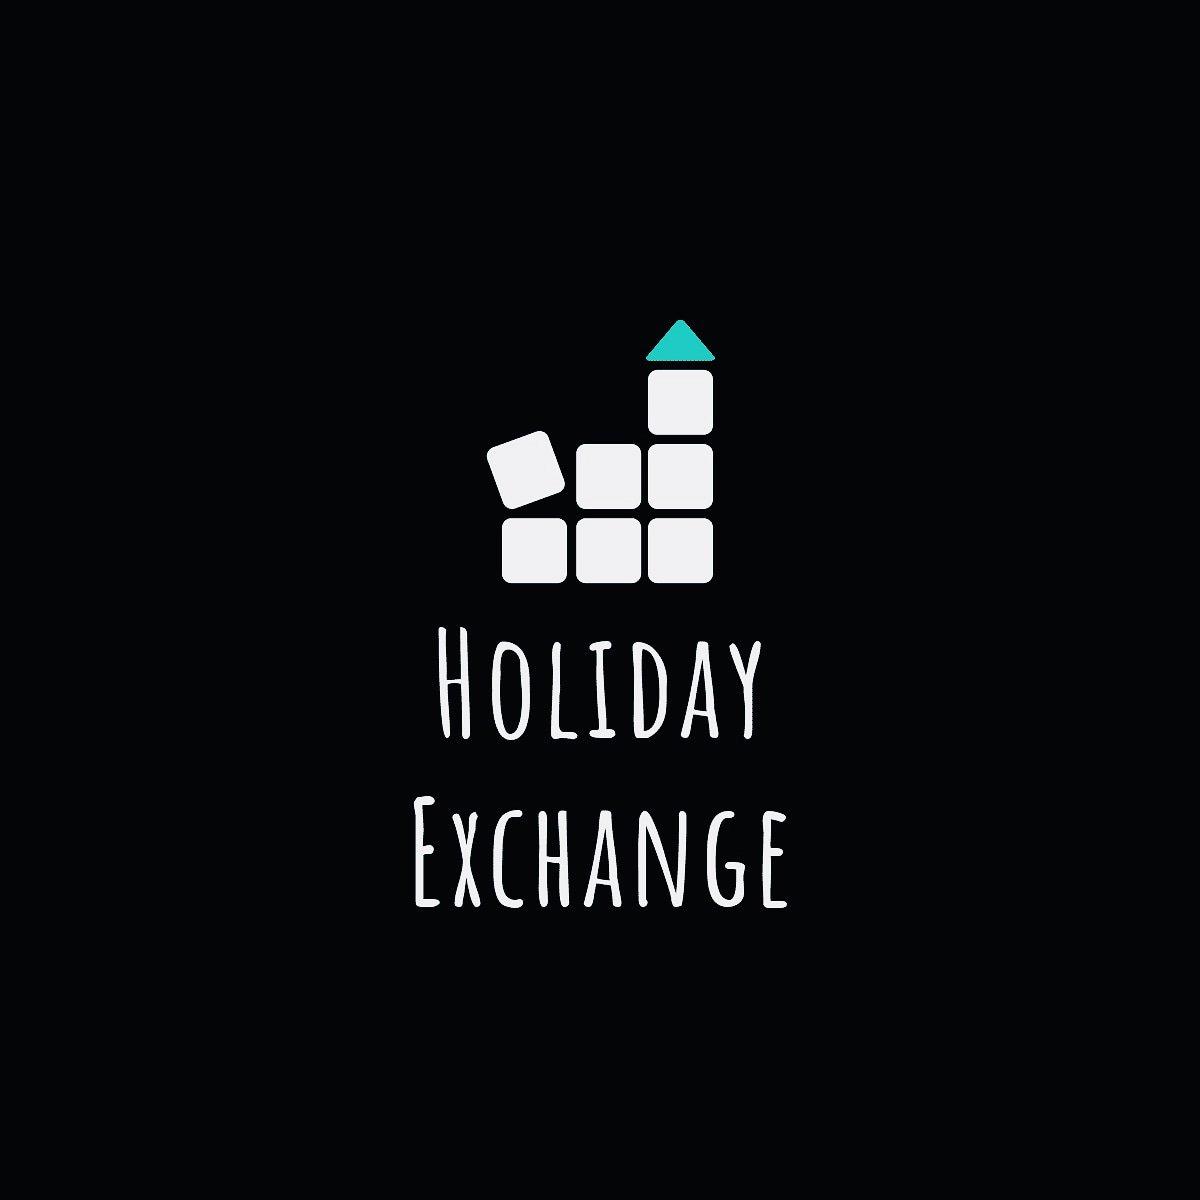 Holiday Exchange Coop offre aux membres une part